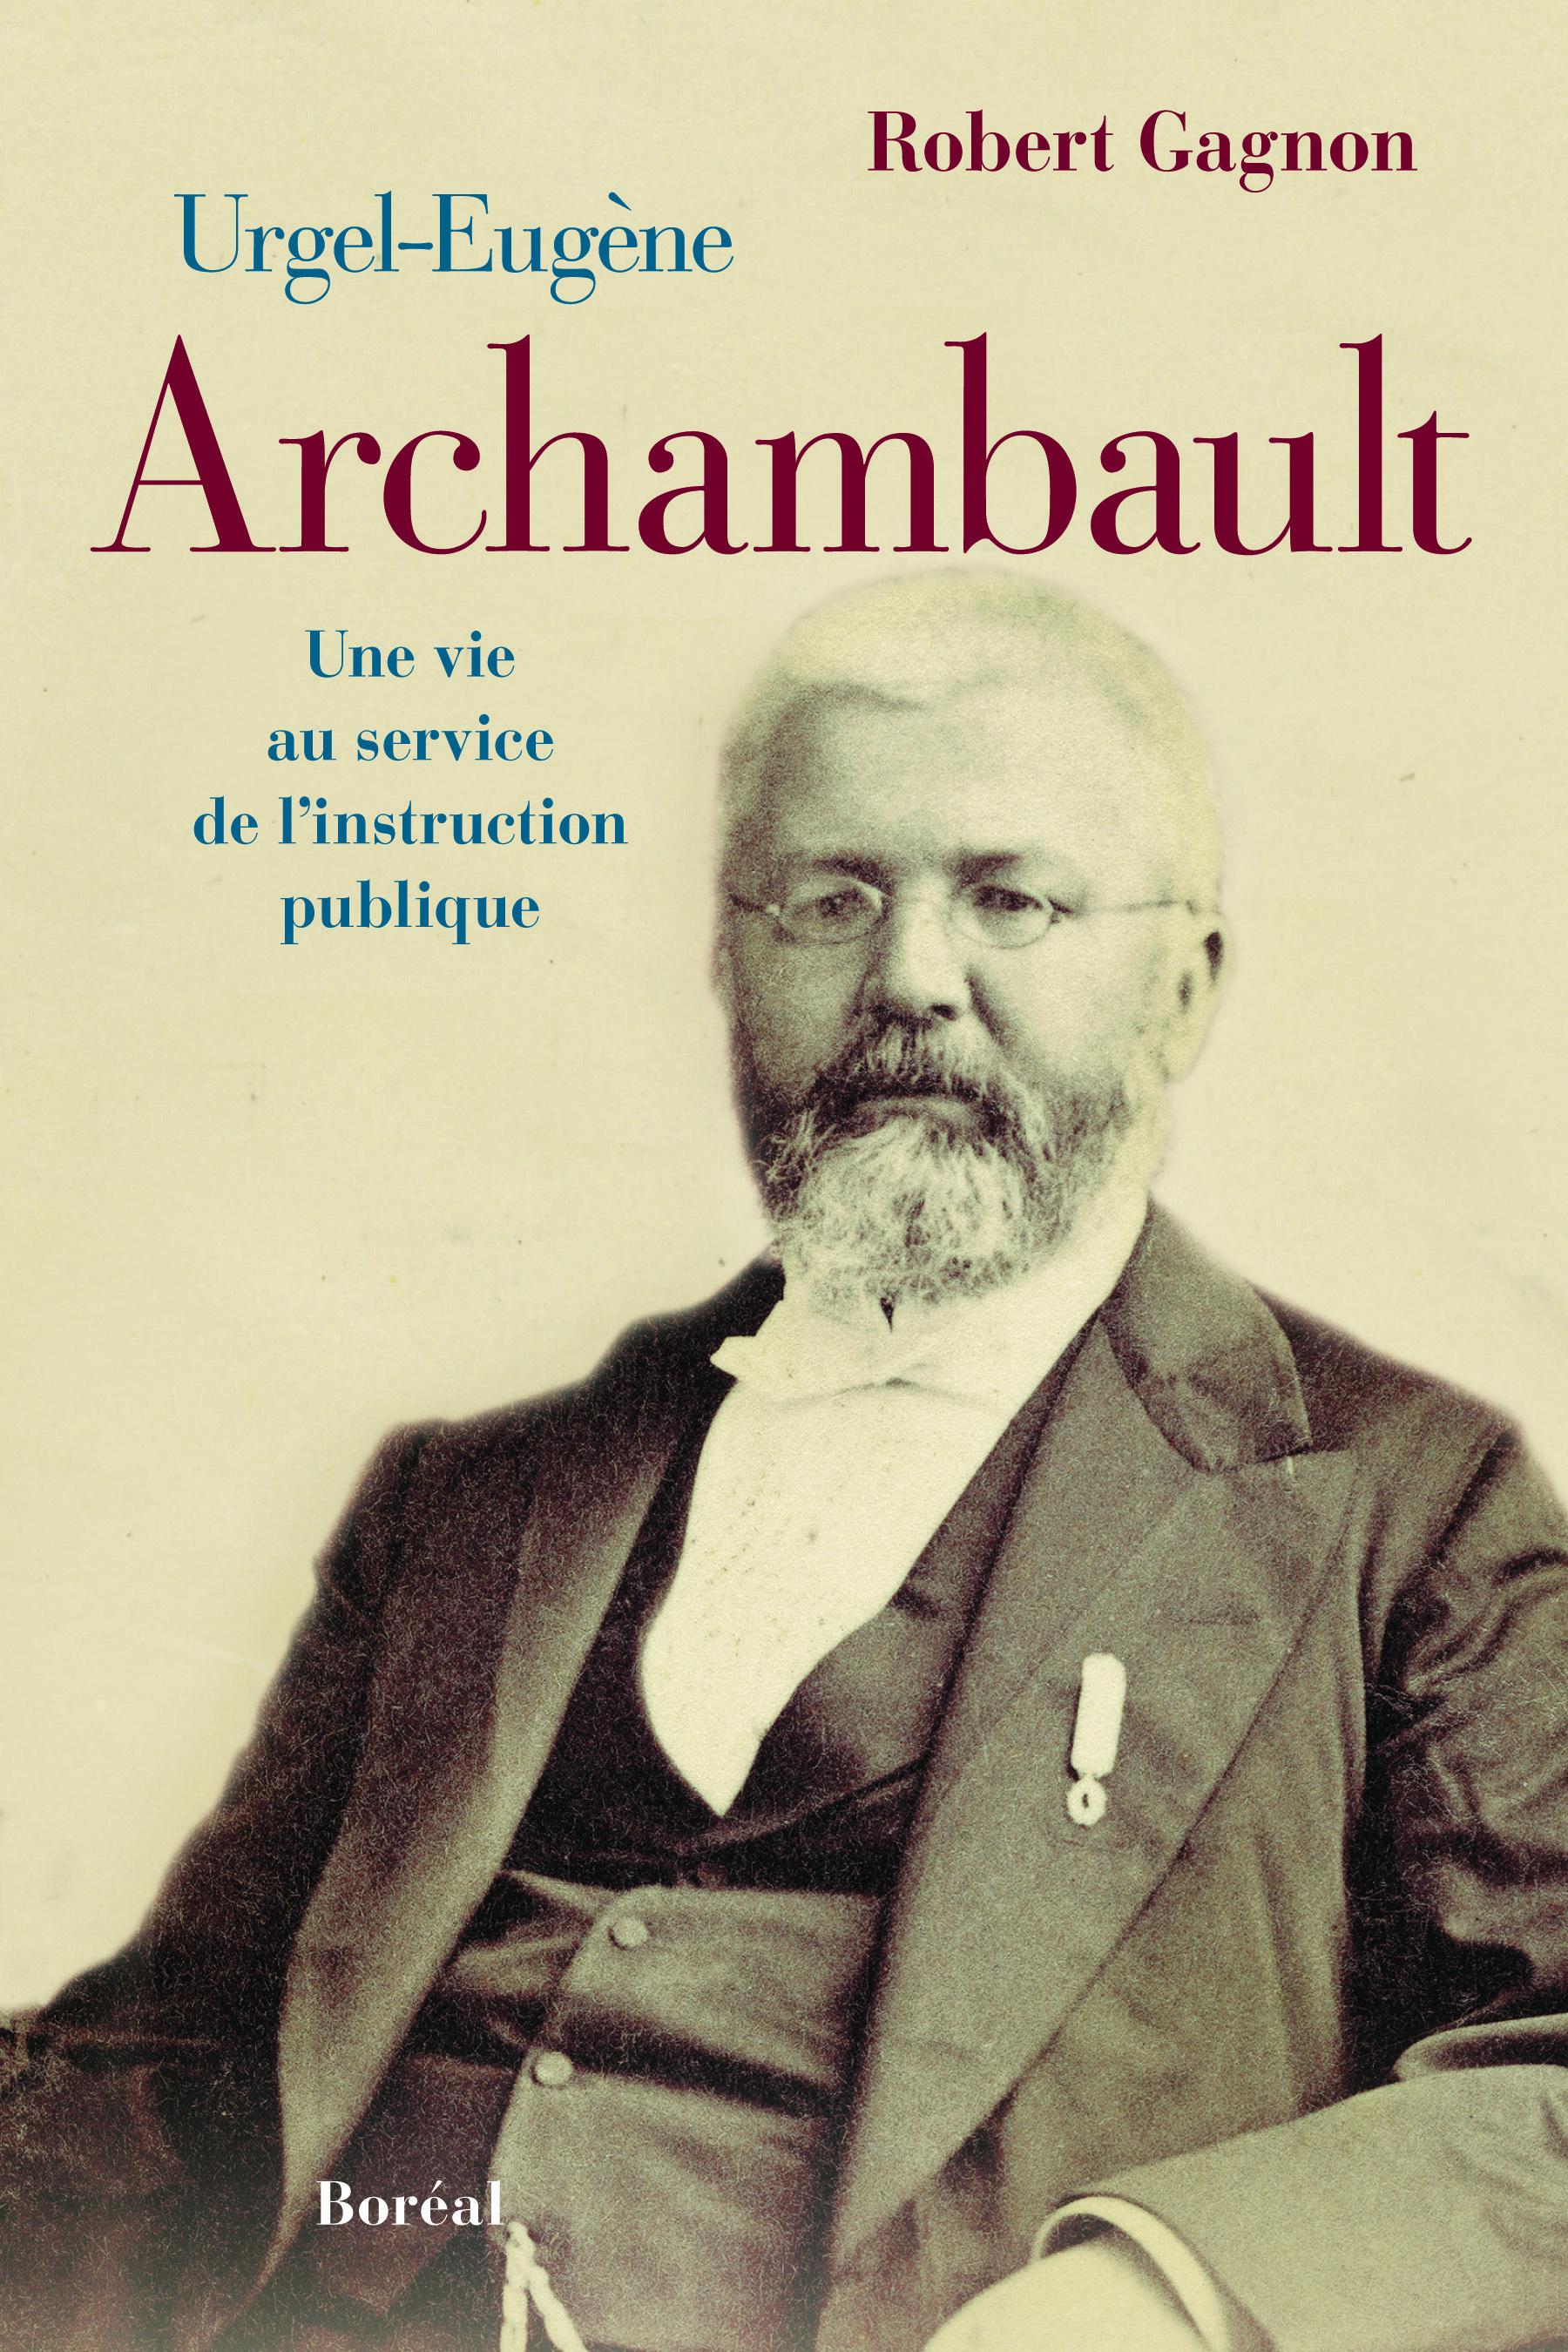 Urgel-Eugène Archambault